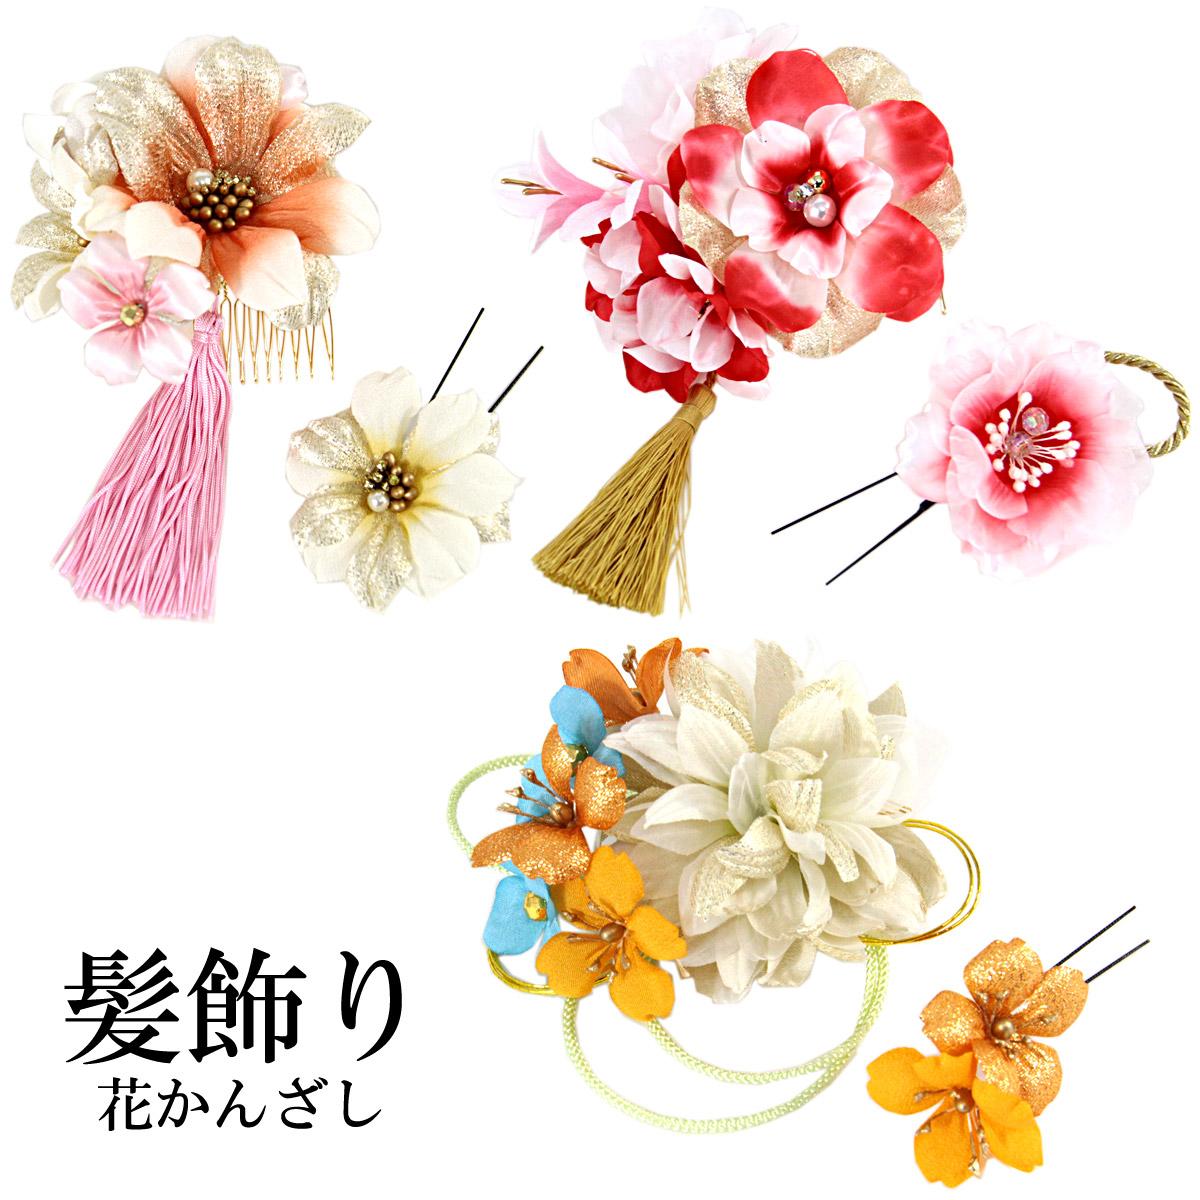 3 4 20:00 - お気に入 11 1:59 ヘアコーム ヘアピン ヘアアクセサリー 花かんざし -273- お気にいる 日本製 2点セット 50%OFF スーパーSALE フラワー髪飾り 髪留め 和装小物